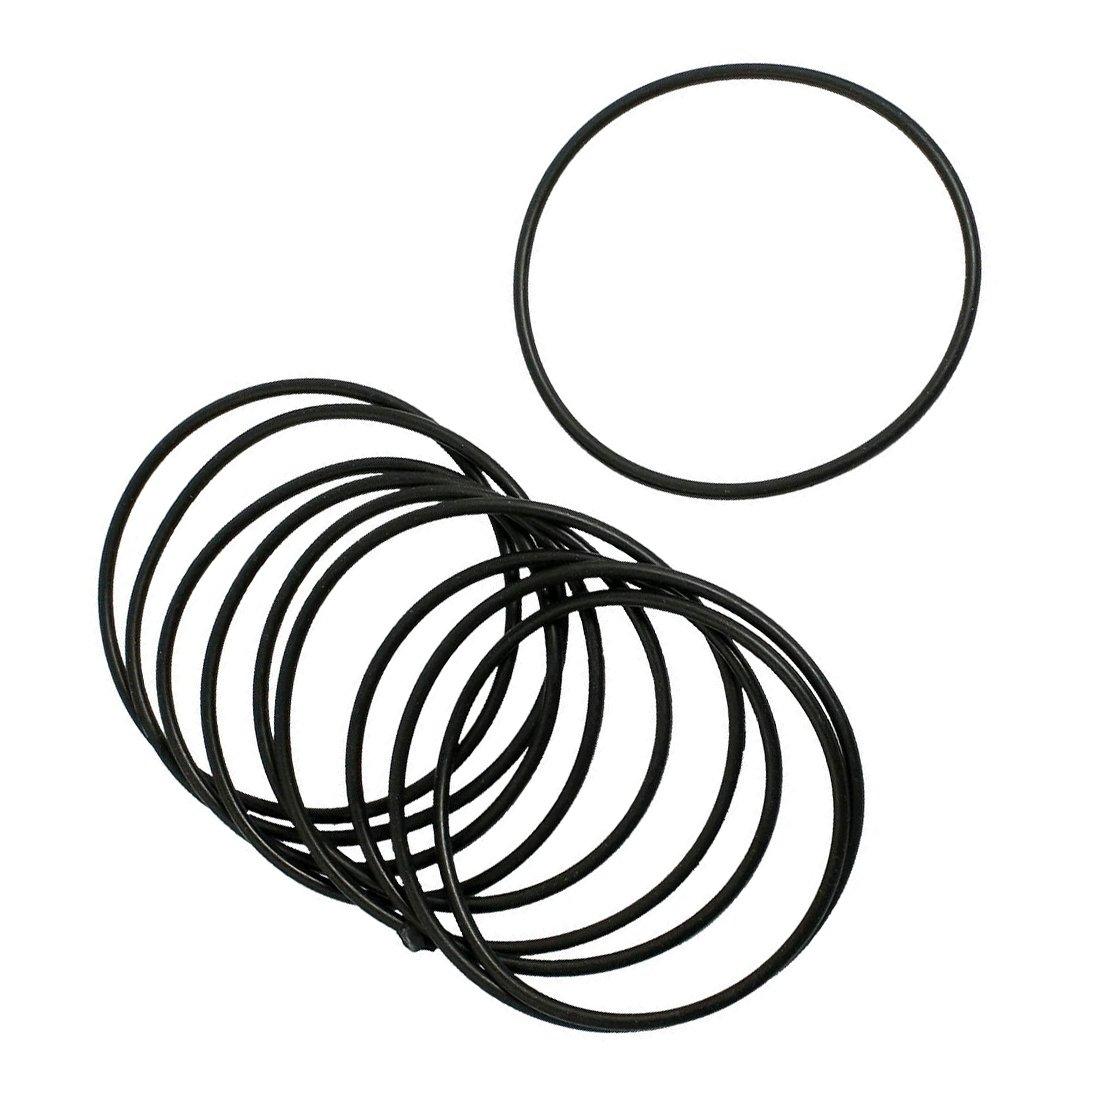 TOOGOO O-Ring Dichtung Unterlegscheiben 10 Stueck Schwarz Gummi Oil Seal O-Ringe Dichtungen Unterlegscheiben 20x15x2.5mm R